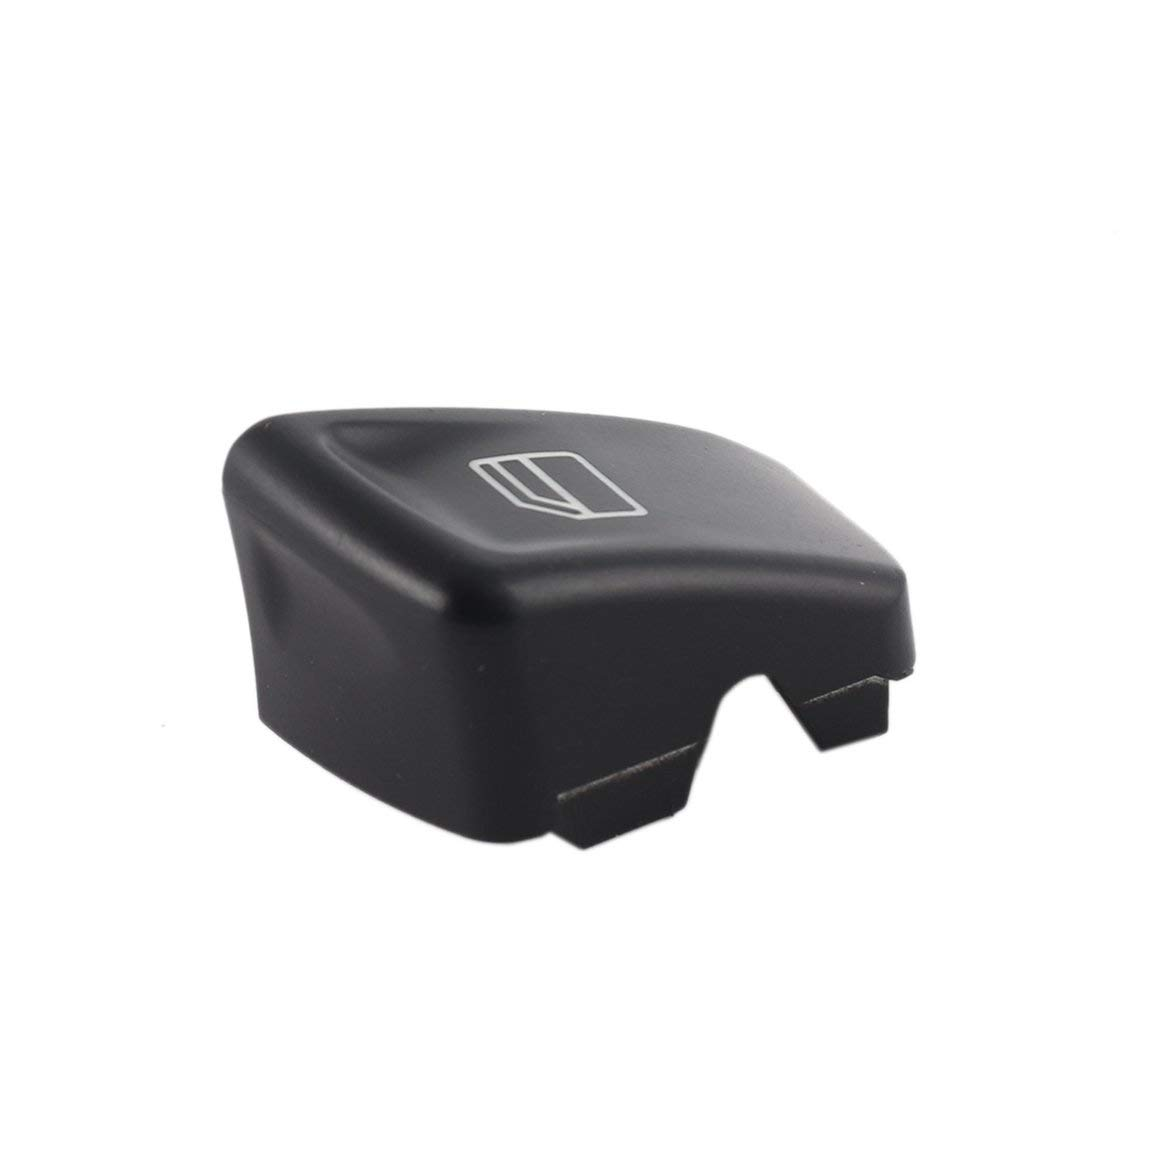 Banbie para Mercedes Vito Sprinter Control de Ventana Botones de Interruptor de Encendido Derecha Izquierda